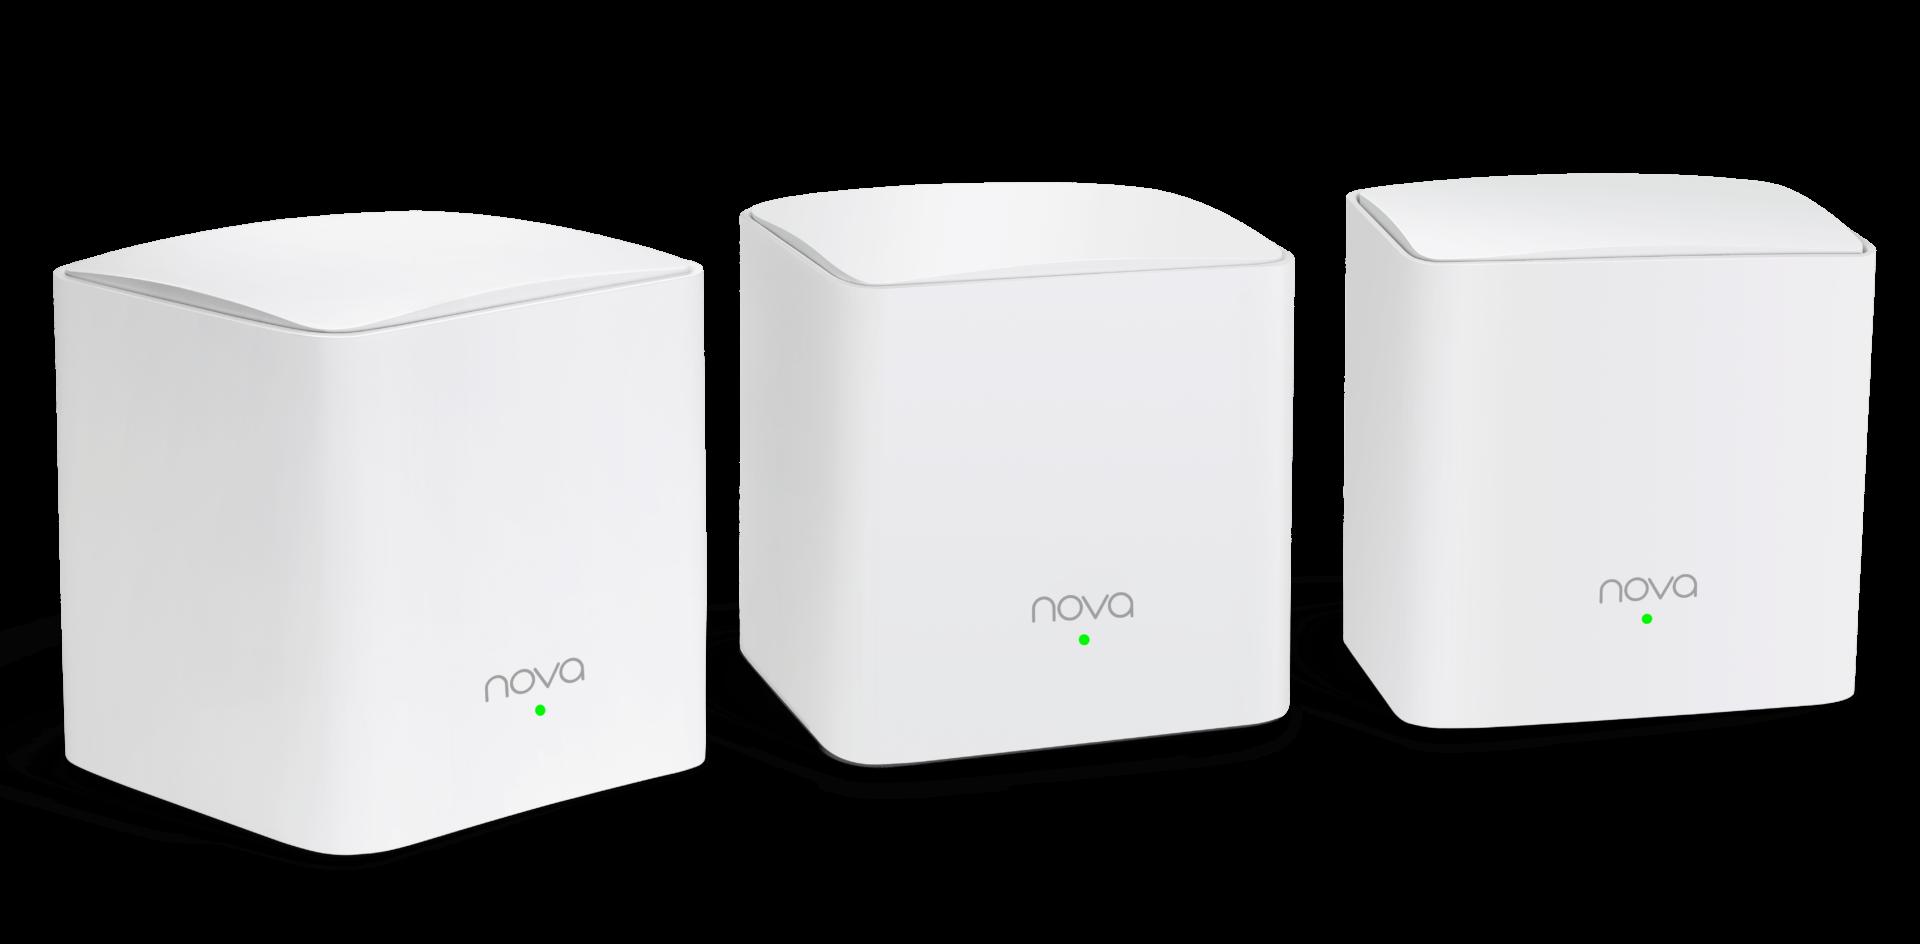 Tenda Nova Mw5G: Ampia Copertura Wi-Fi, Flessibilità E Supporto Tecnologia Mesh 3 - Hynerd.it